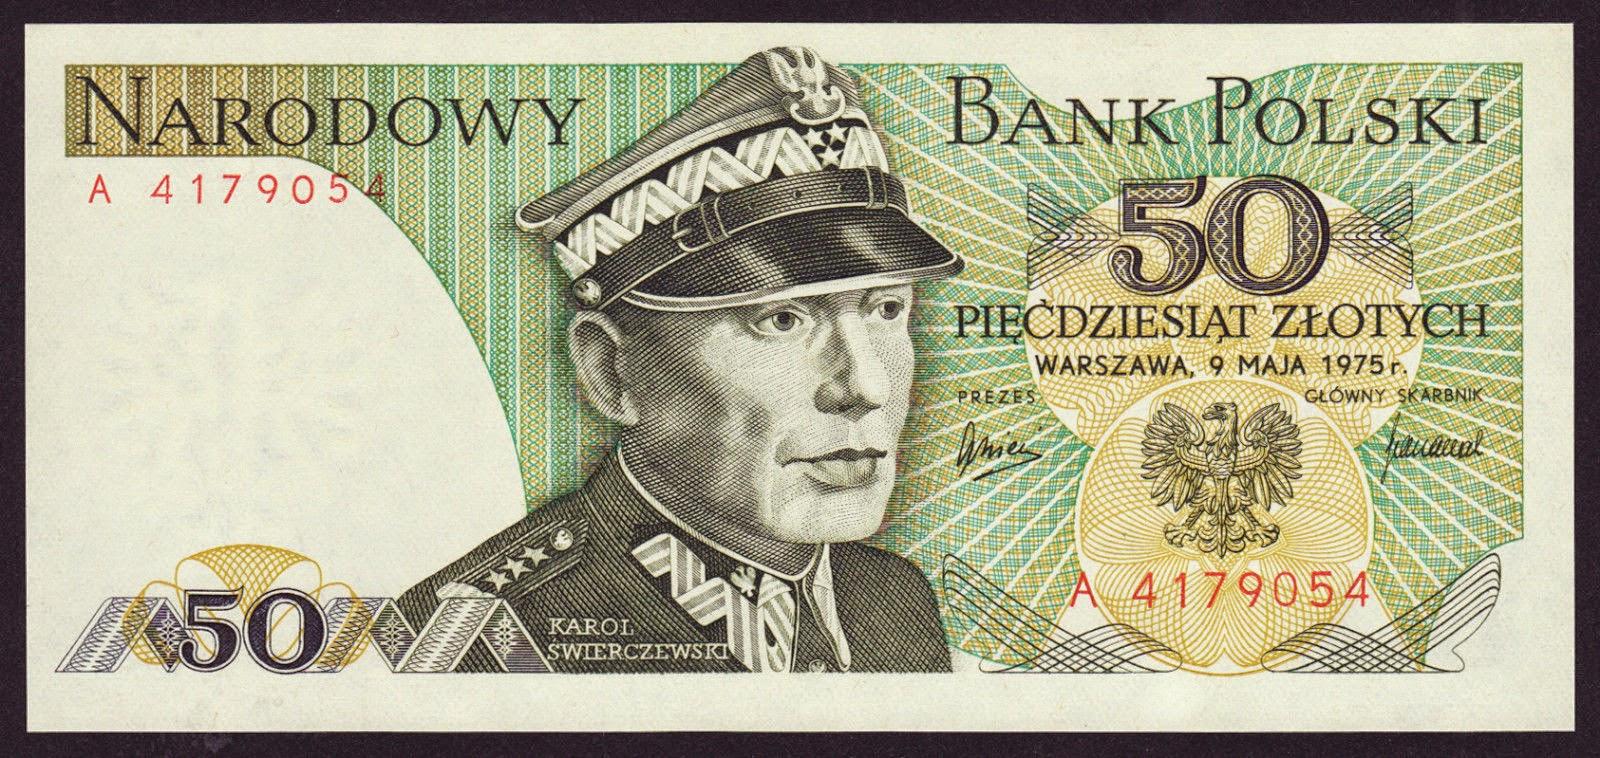 Poland Banknotes 50 Zloty banknote 1975 Karol Swierczewski